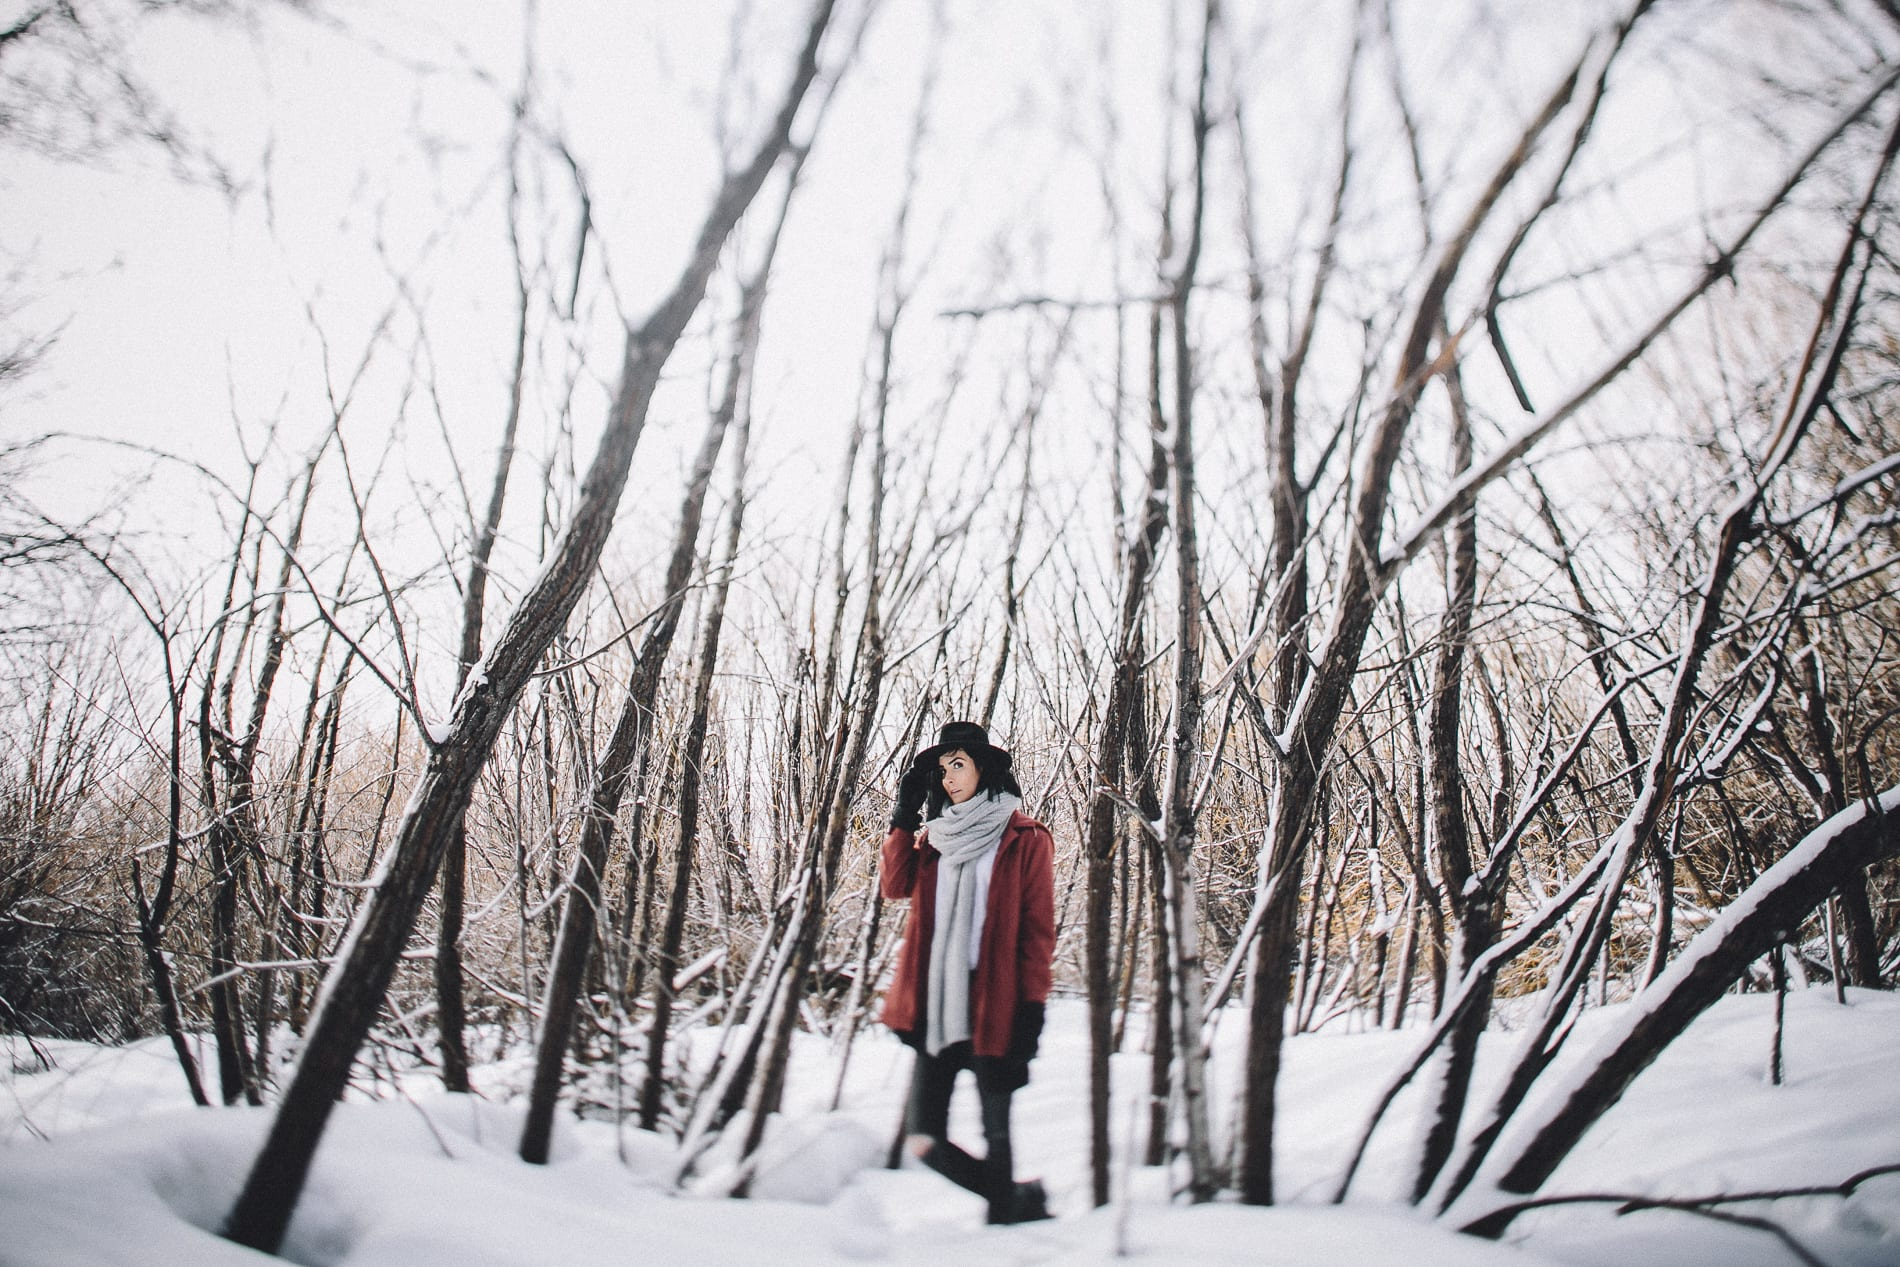 mount-lassen-adventures-lifestyle-portrait-photography-17